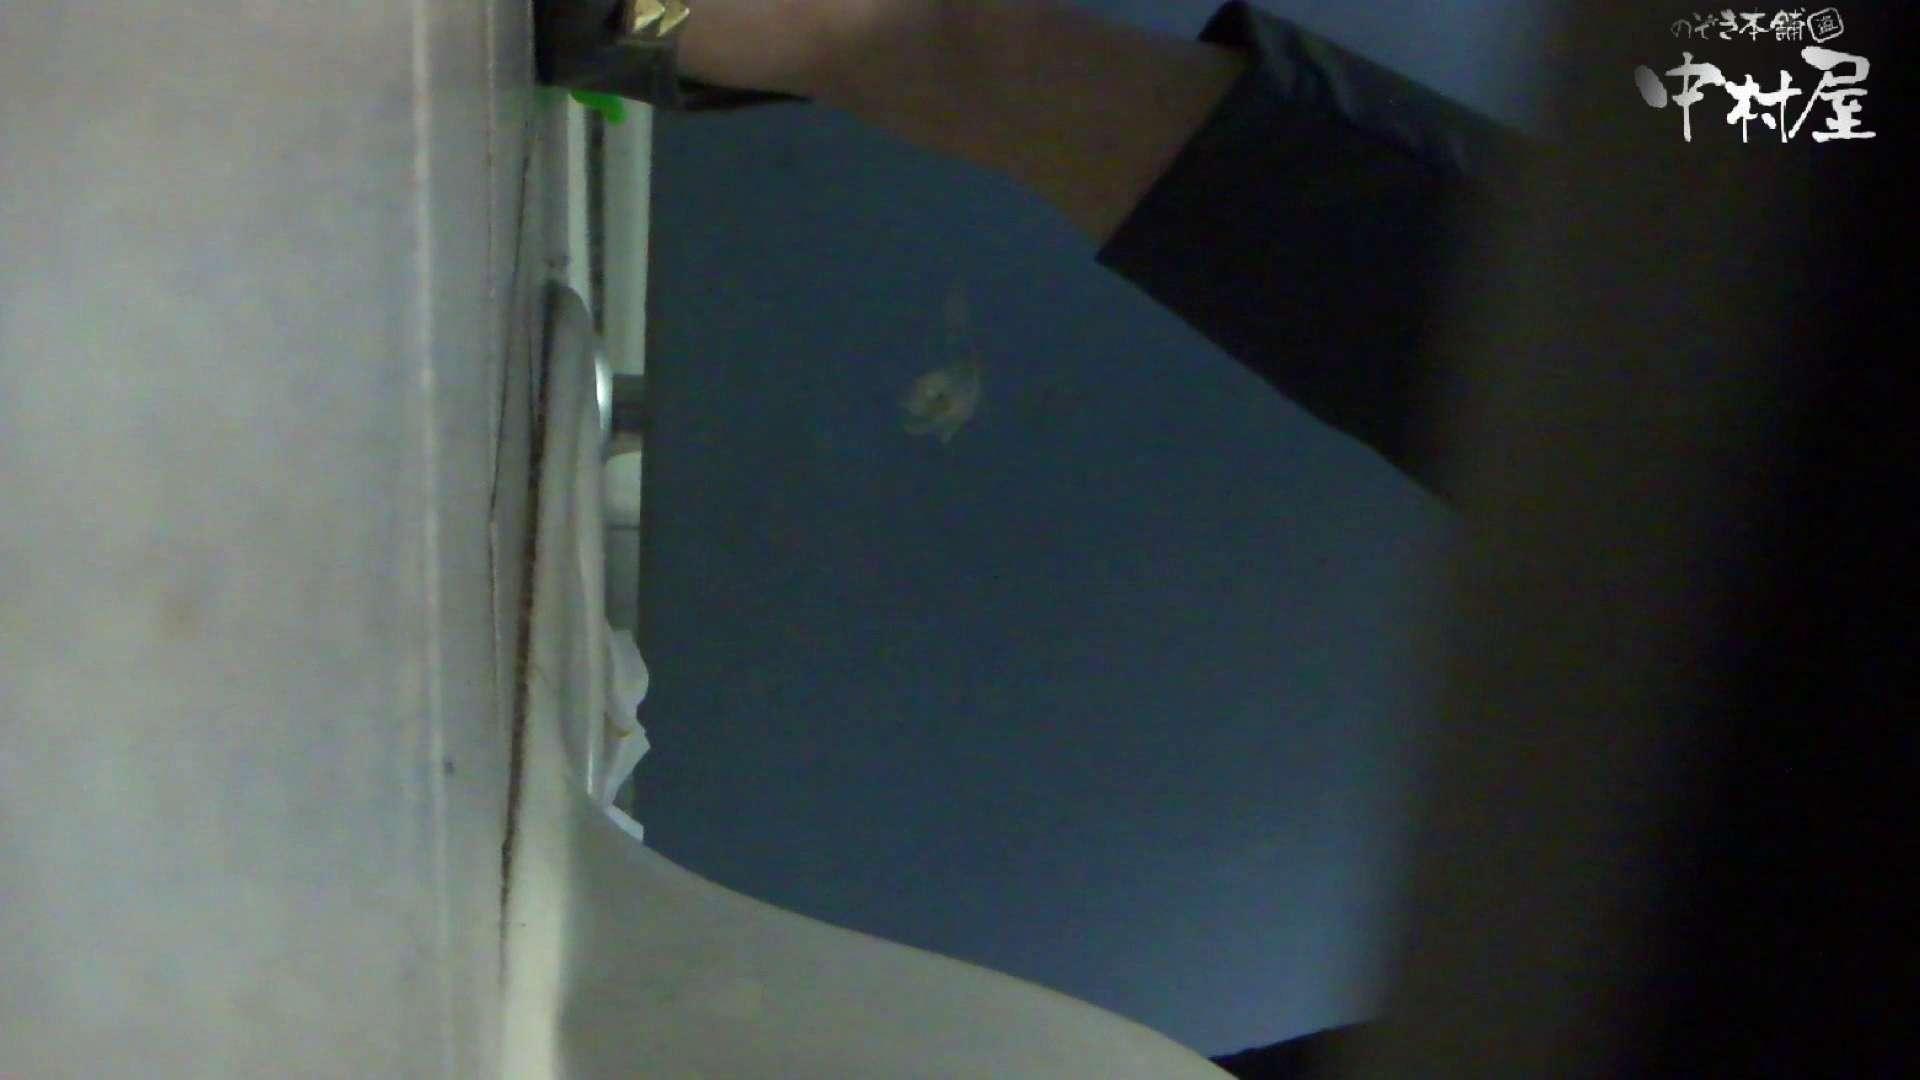 【美人が集まるファッションショッピングセンター洗面所盗SATU】ギャルのツルピカ潜入盗satu!Vol.09 OLセックス 隠し撮りAV無料 84画像 82